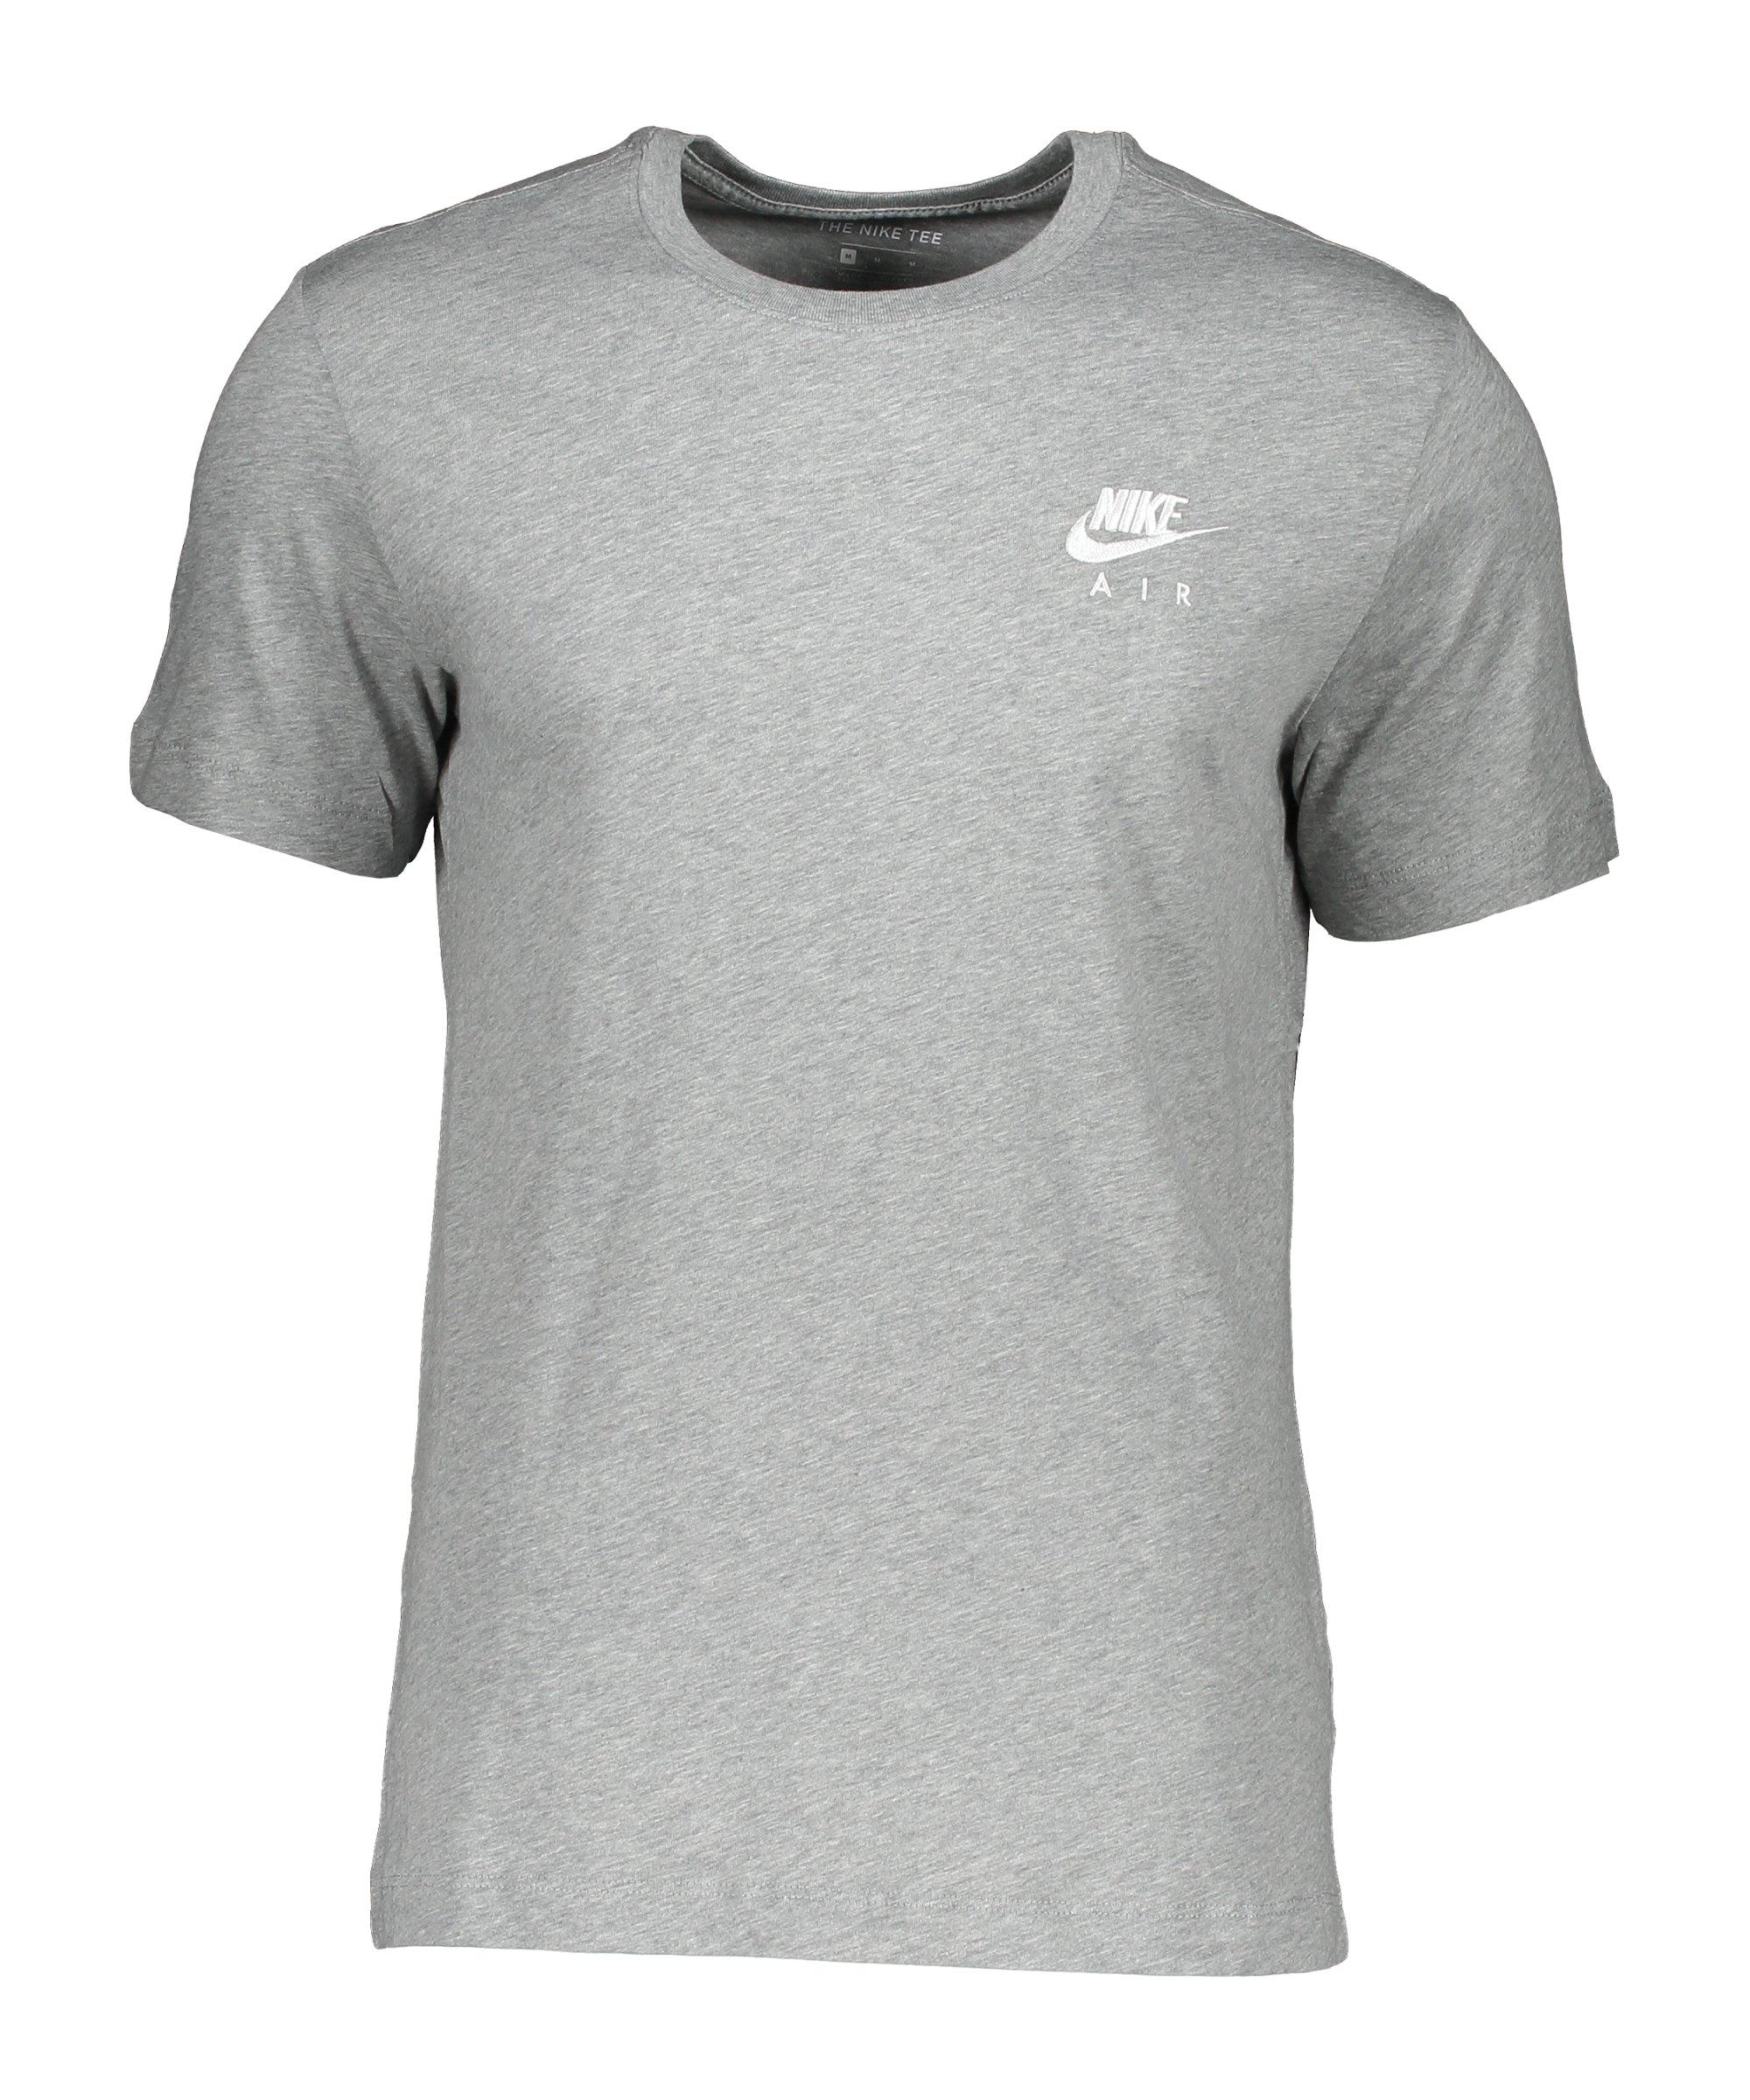 Nike Graphic T-Shirt Grau F063 - grau